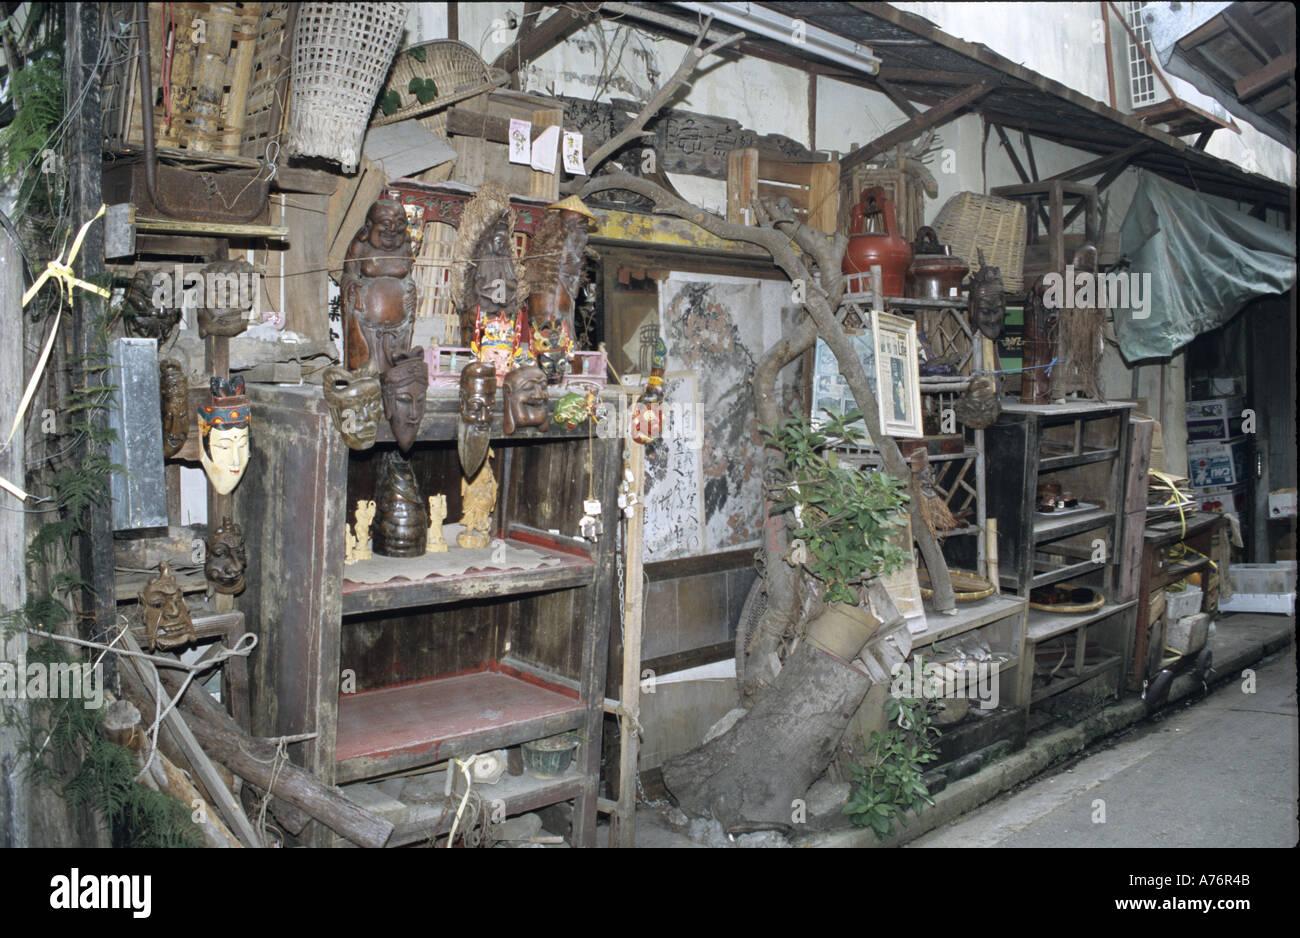 Asien Asia China Hongkong Hong Kong Tai O Lantau Antiquitaeten Antiques - Stock Image